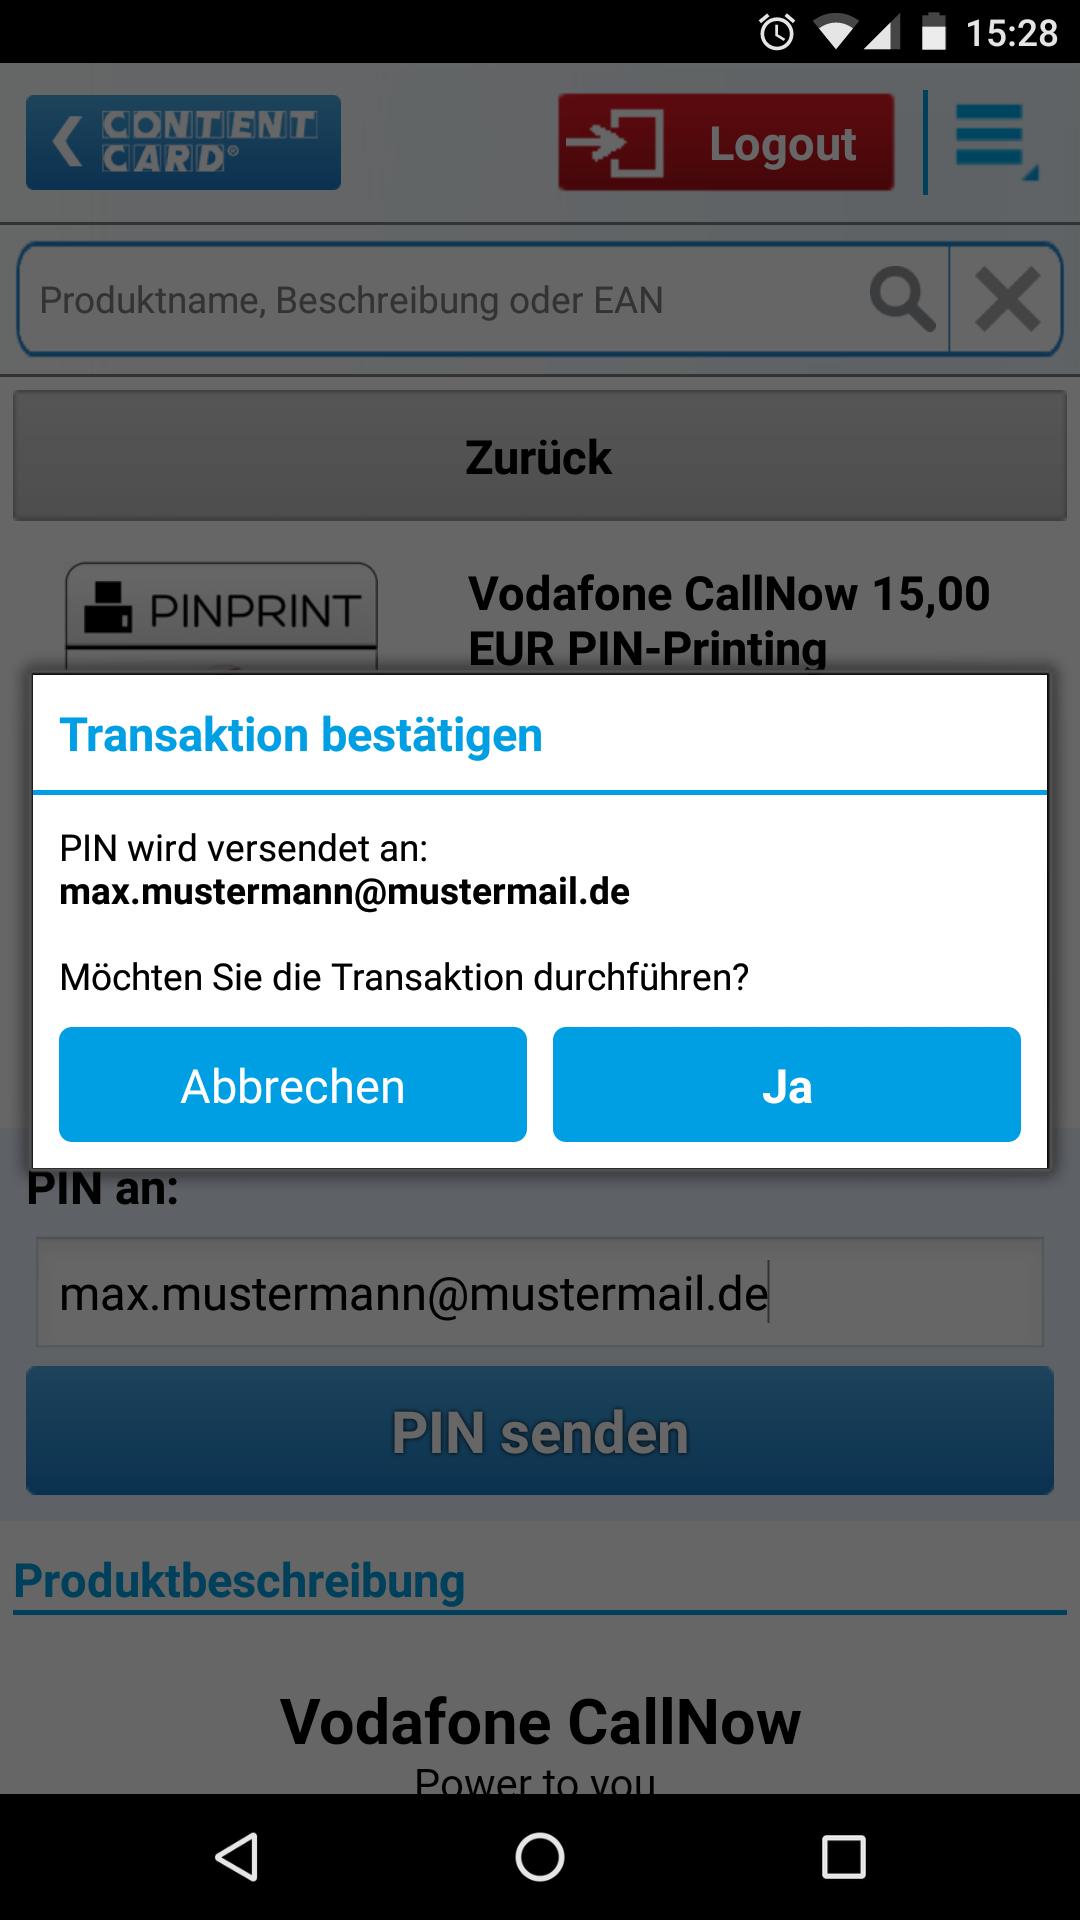 ePIN Seller App